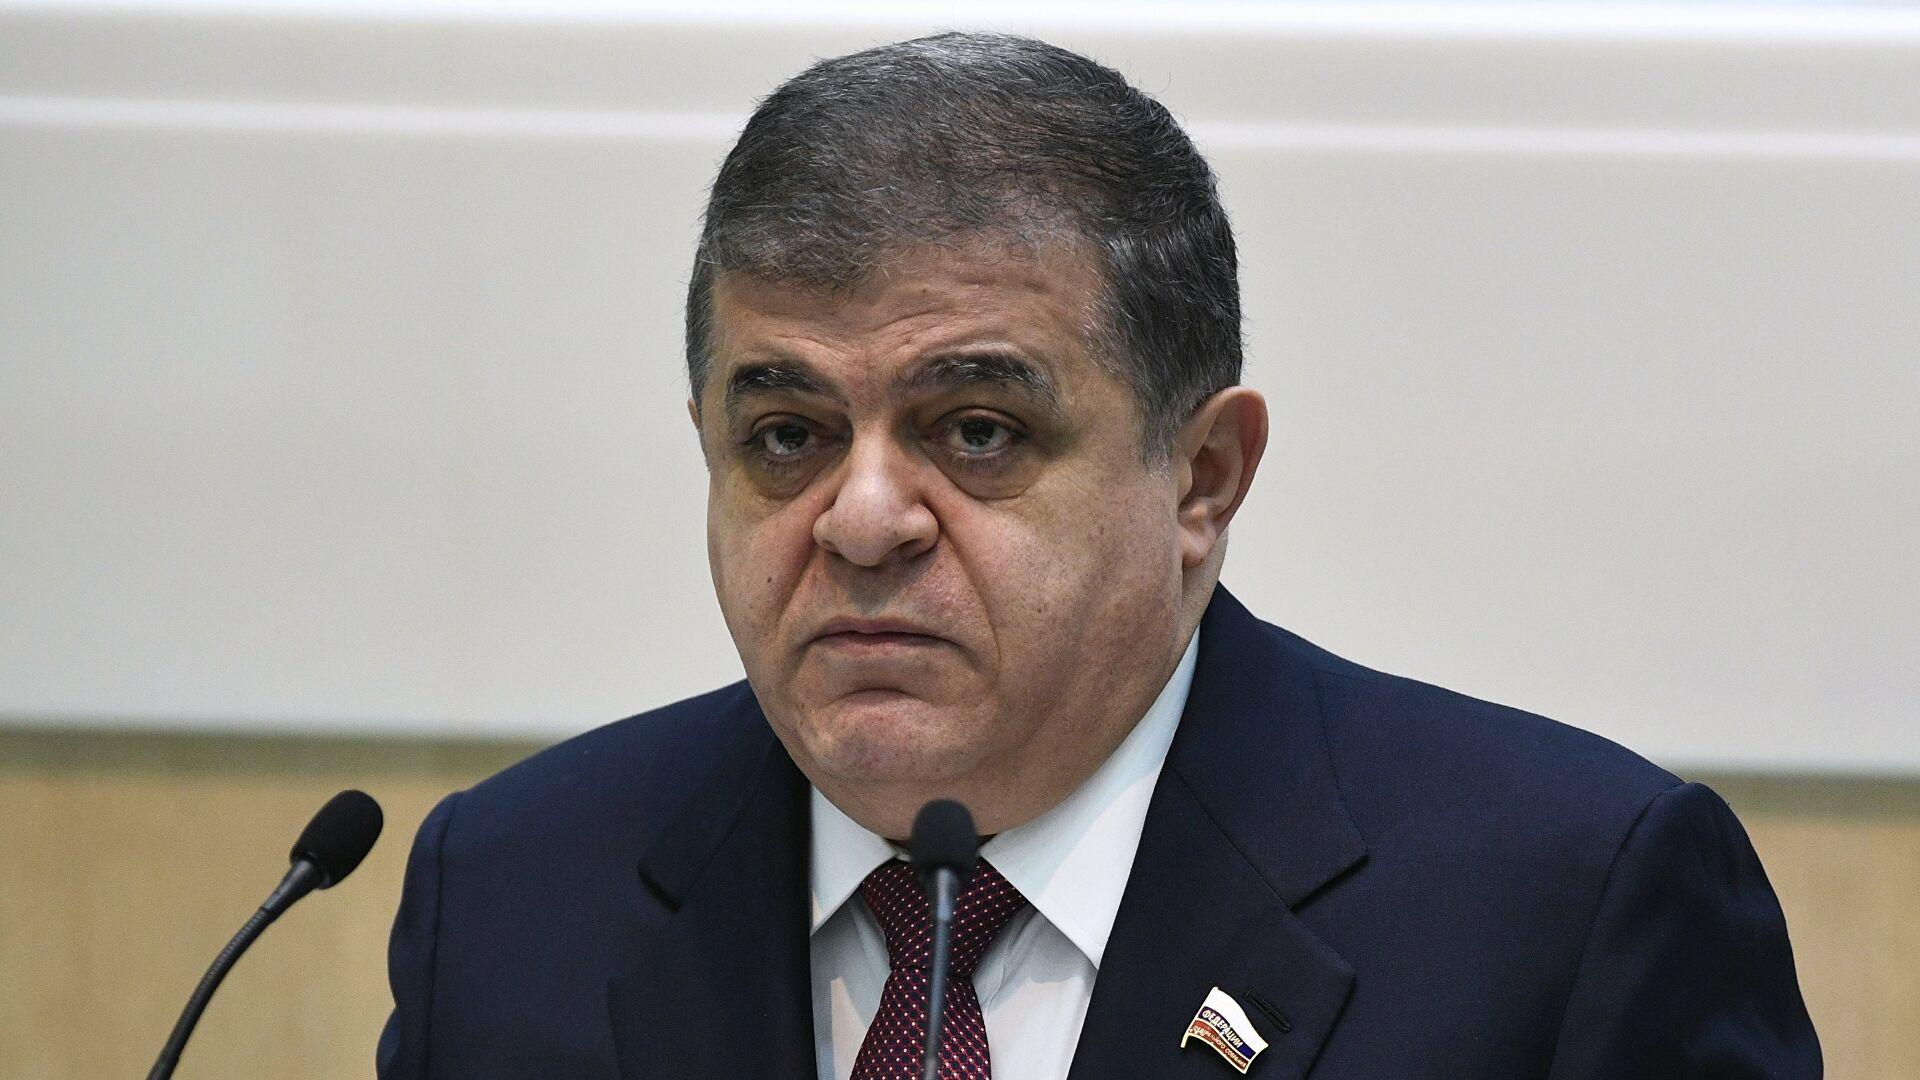 Џабаров: То смрди на издају. Можете ли да замислите да америчка организација тражи од Владимира Путина да наметне санкције америчком председнику